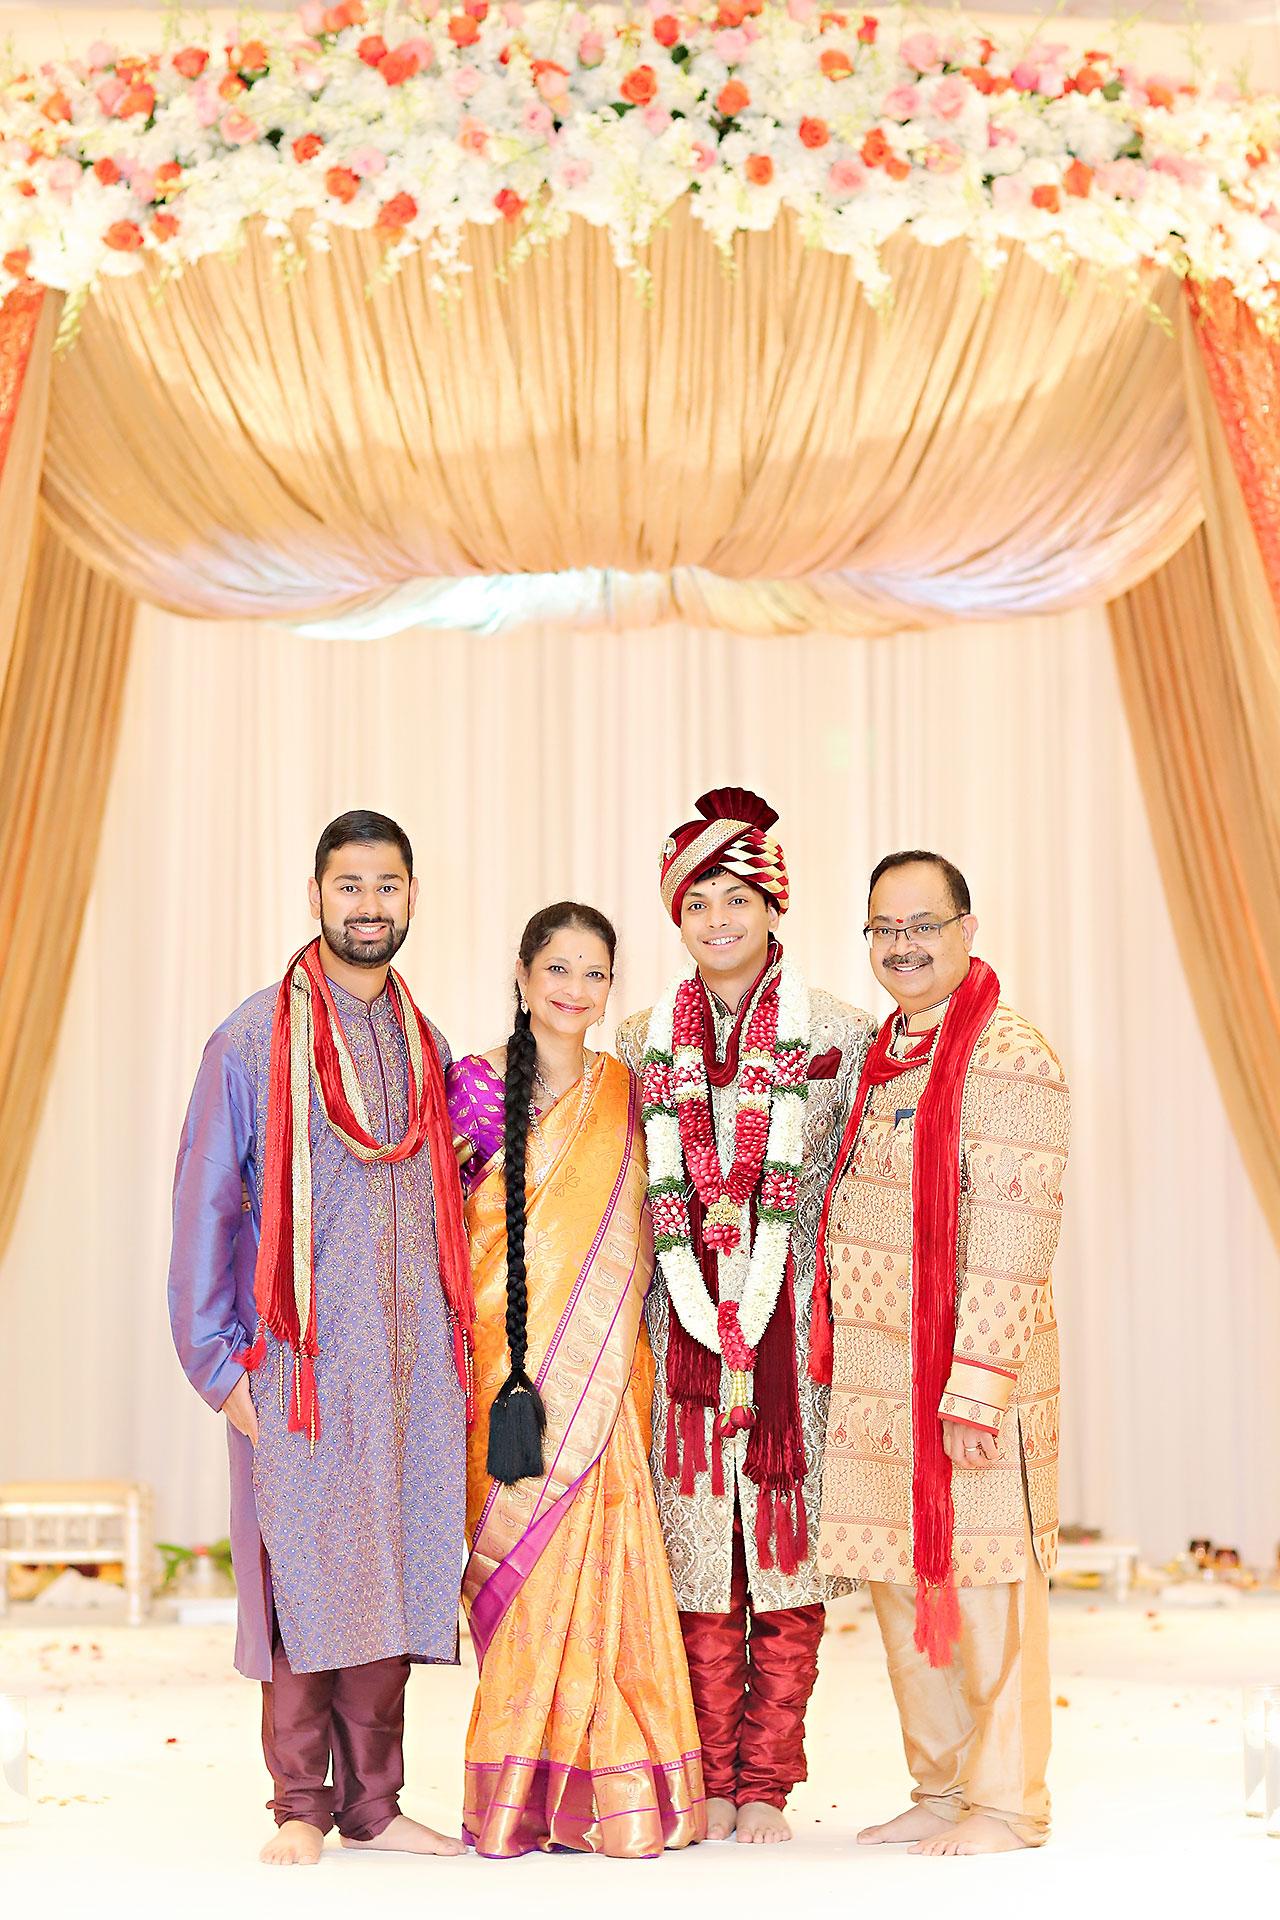 Joie Nikhil JW Marriott Indian Wedding 313